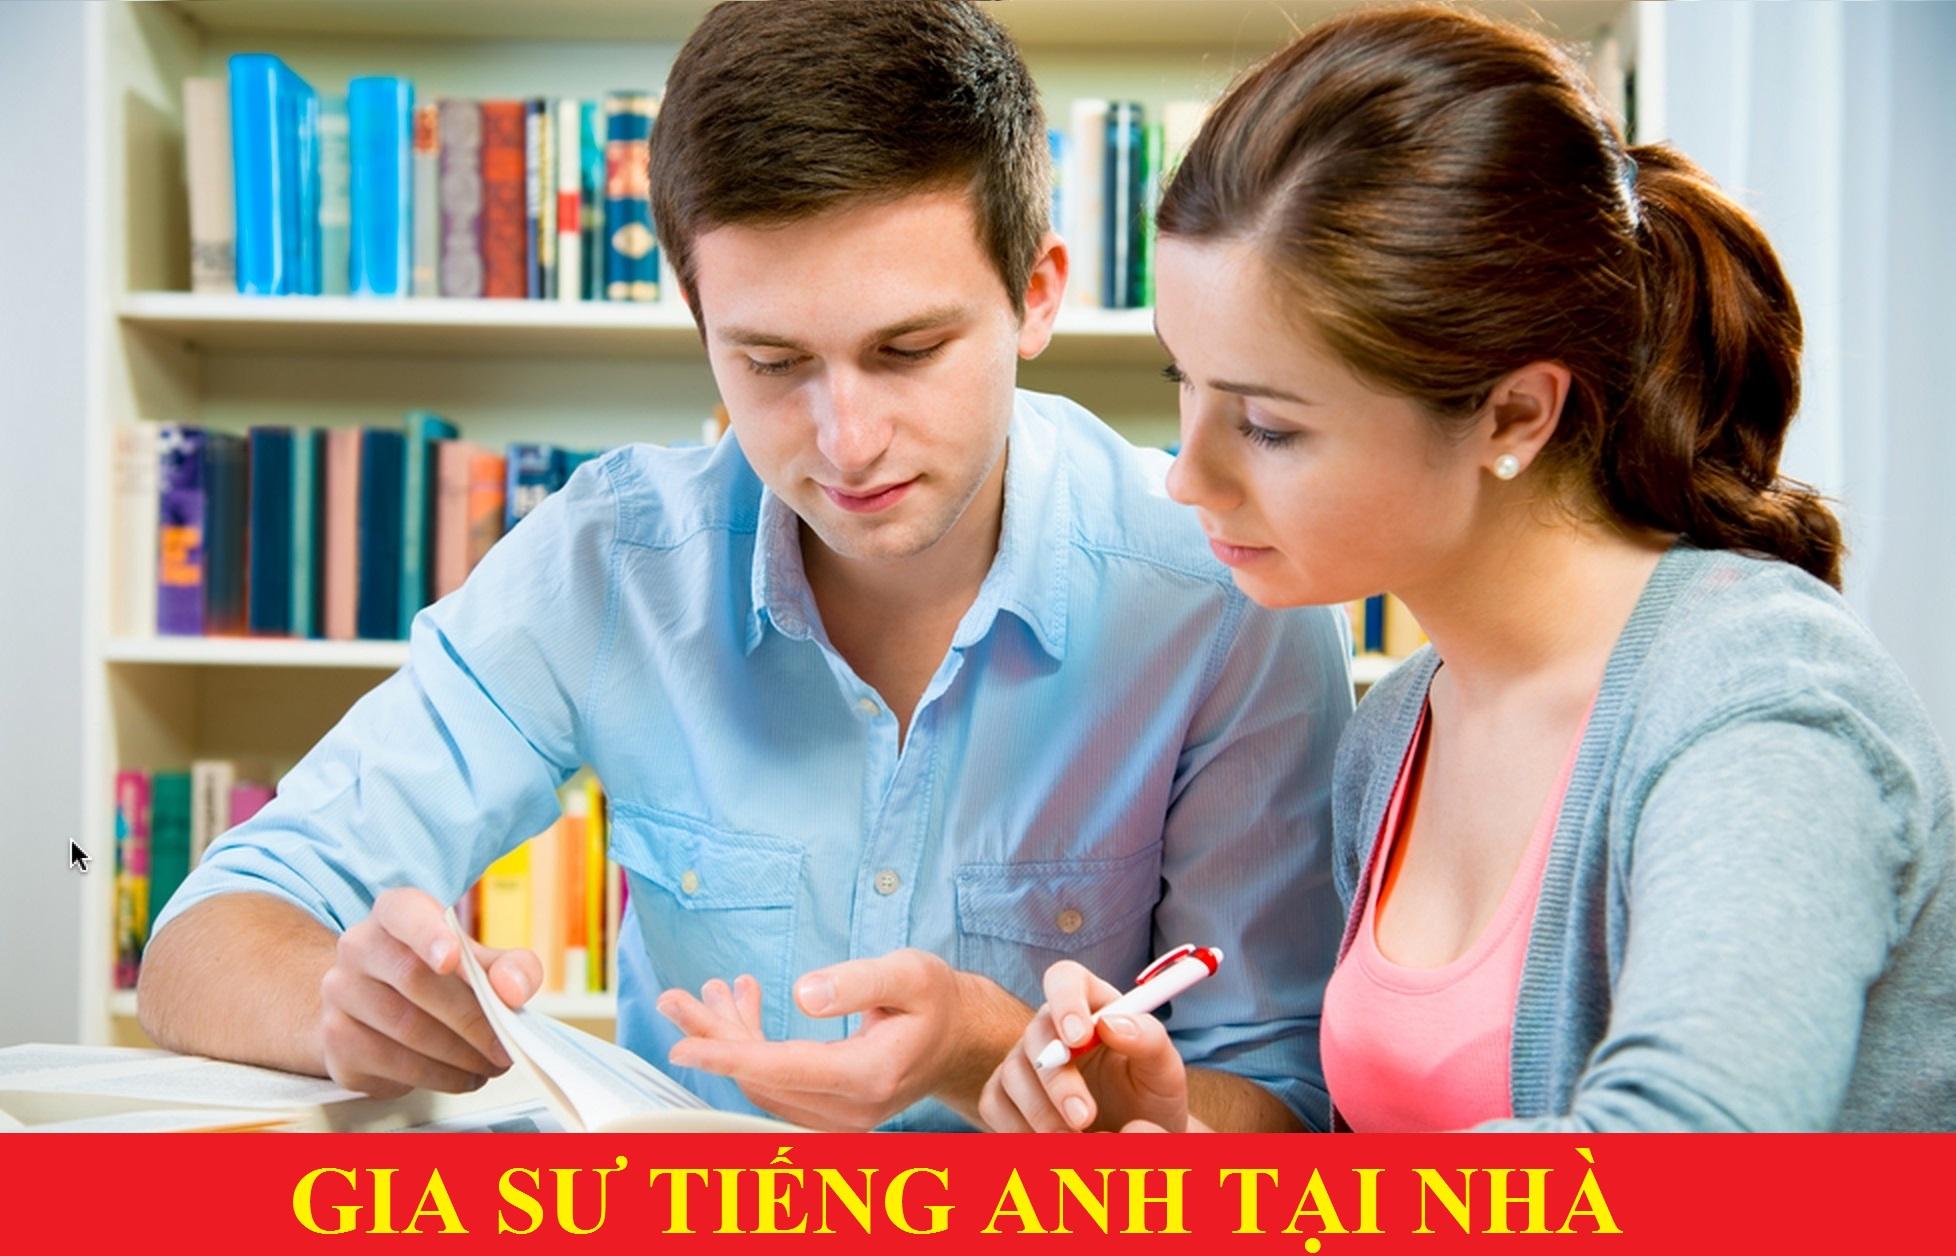 Nên lựa chọn gia sư huyện Sóc Sơn ở trung tâm uy tín